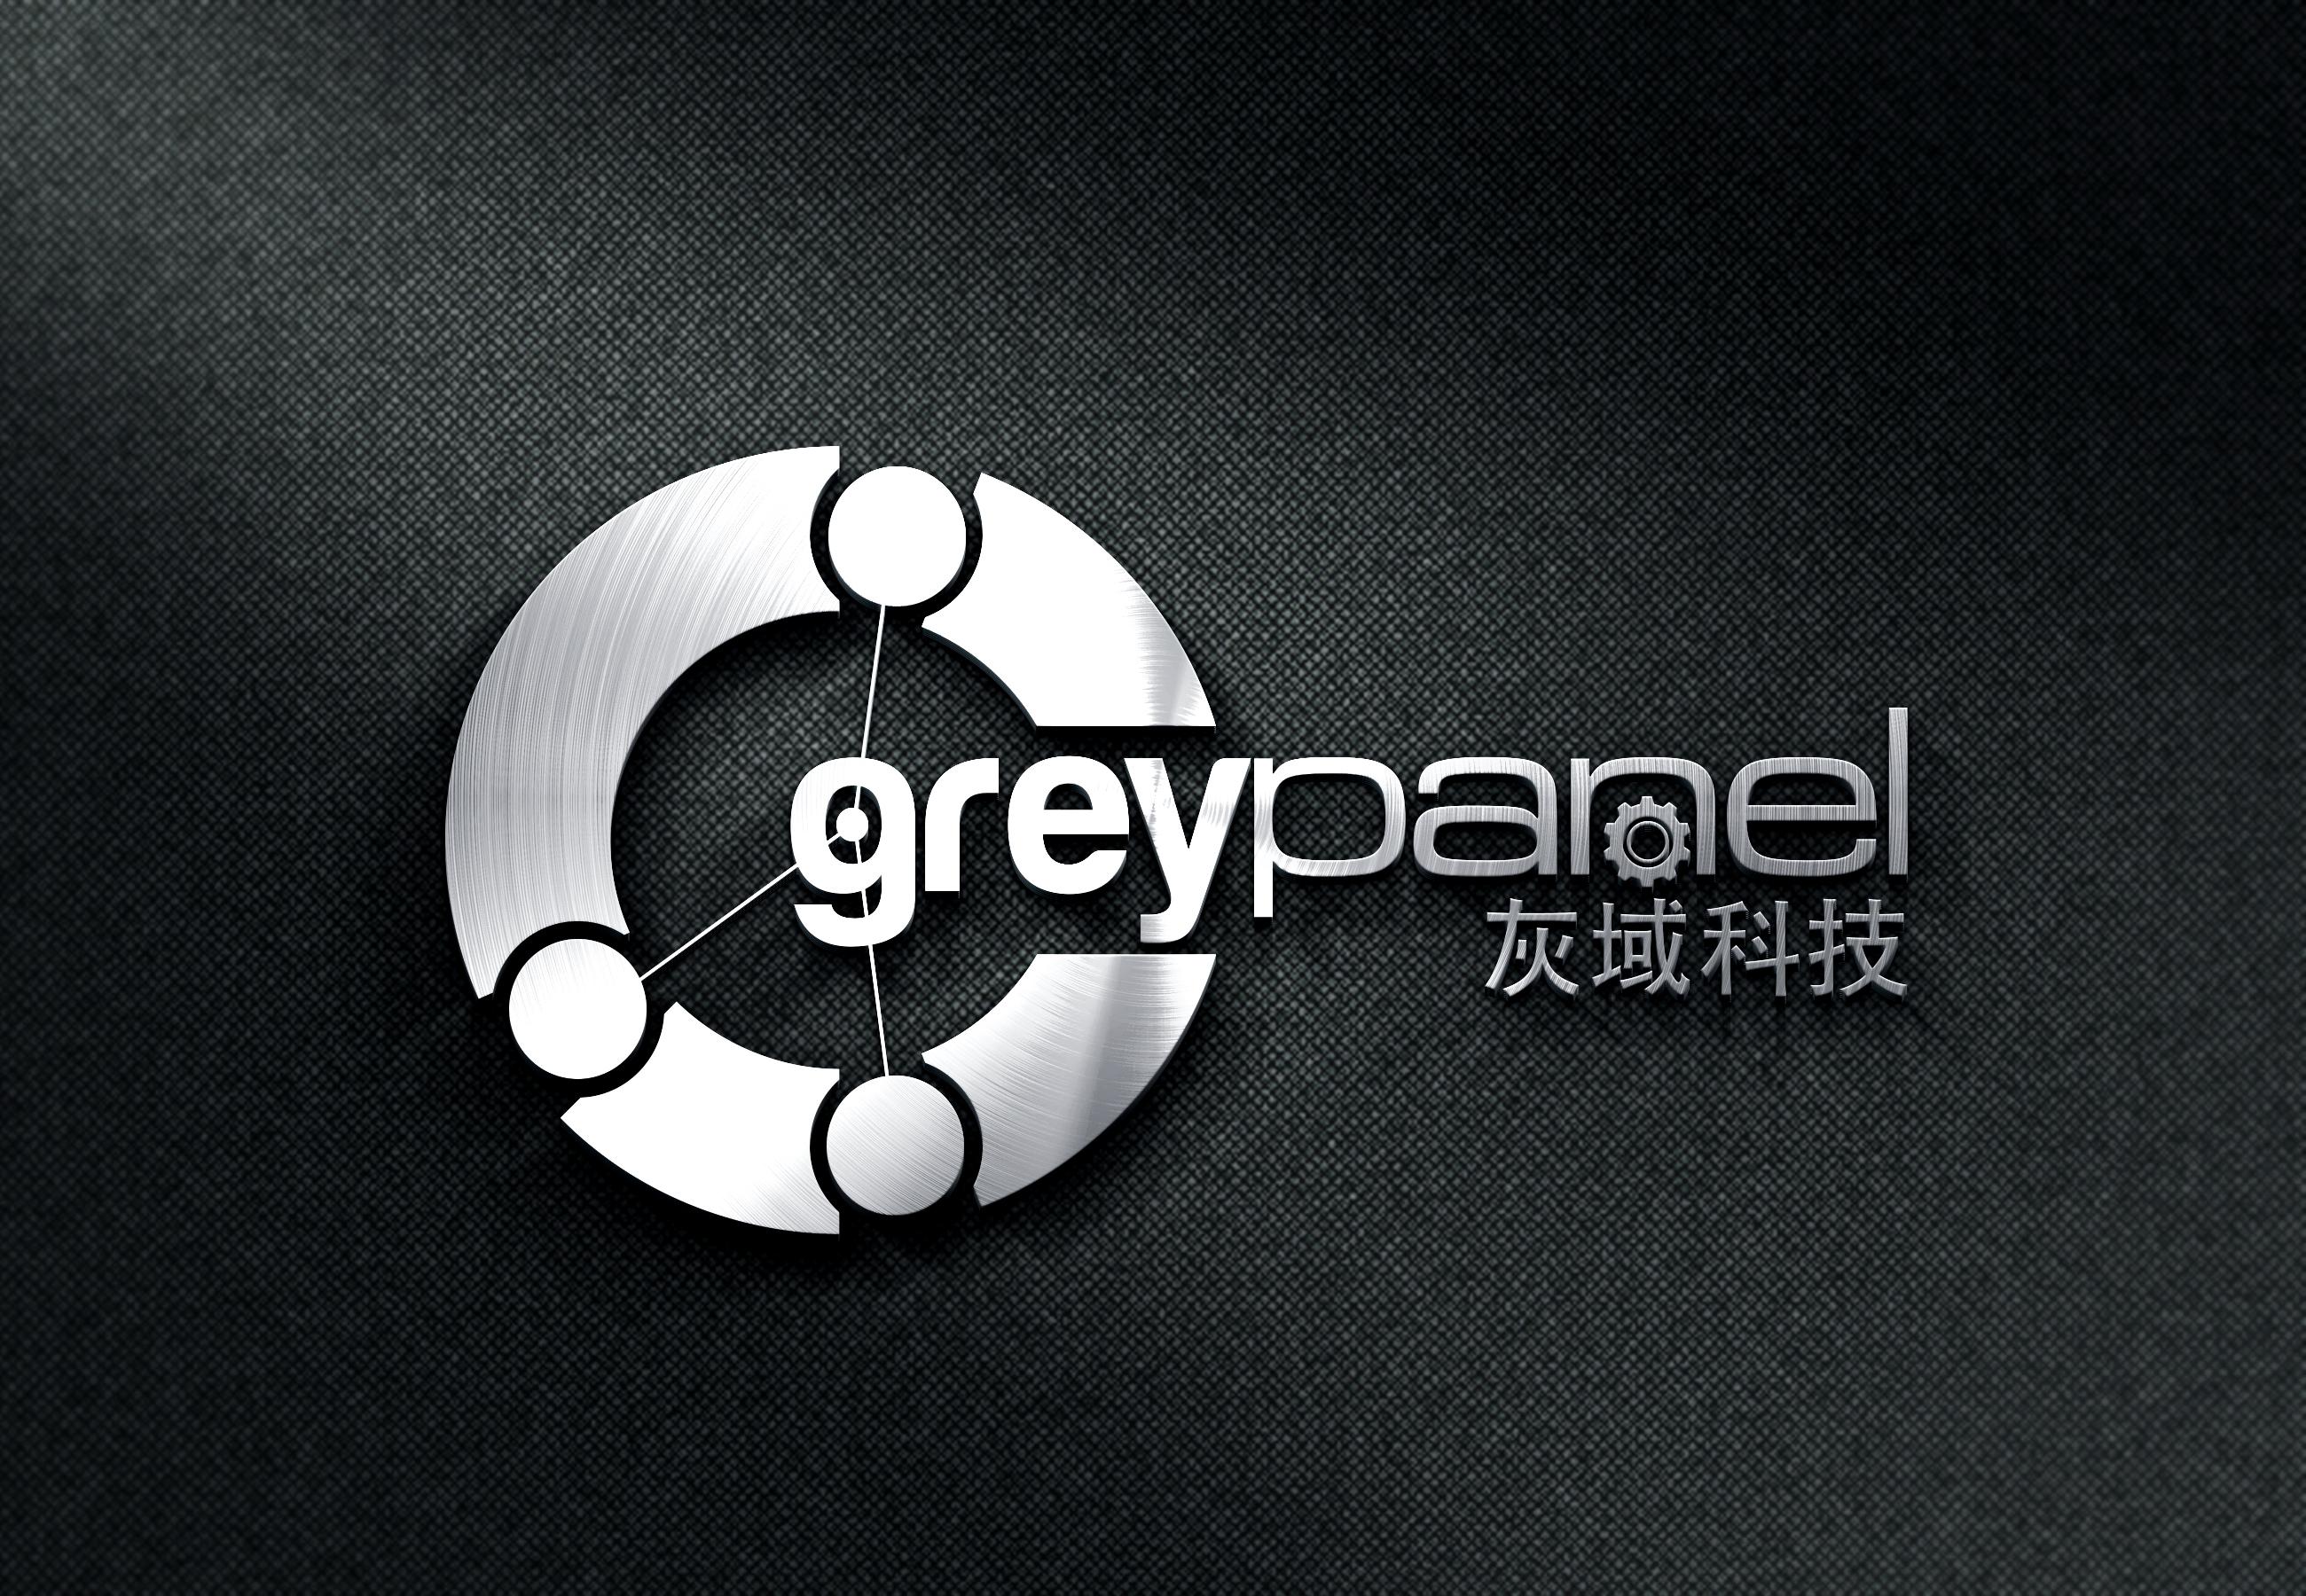 GREYPANEL company logo